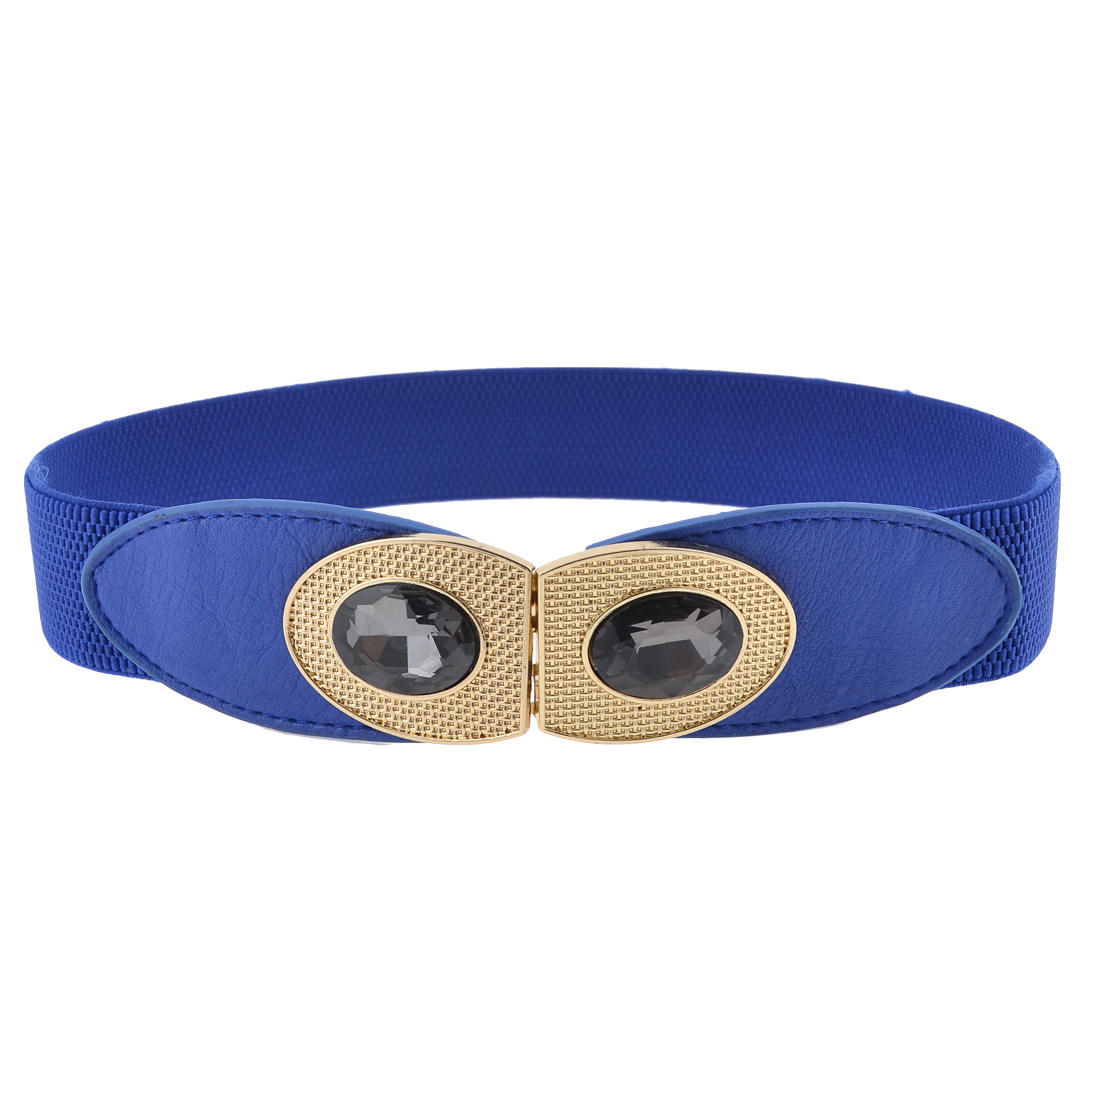 Lady Faux Cystal Decor Double O Shape Interlocking Buckle Stretchy Cinch Belt Blue